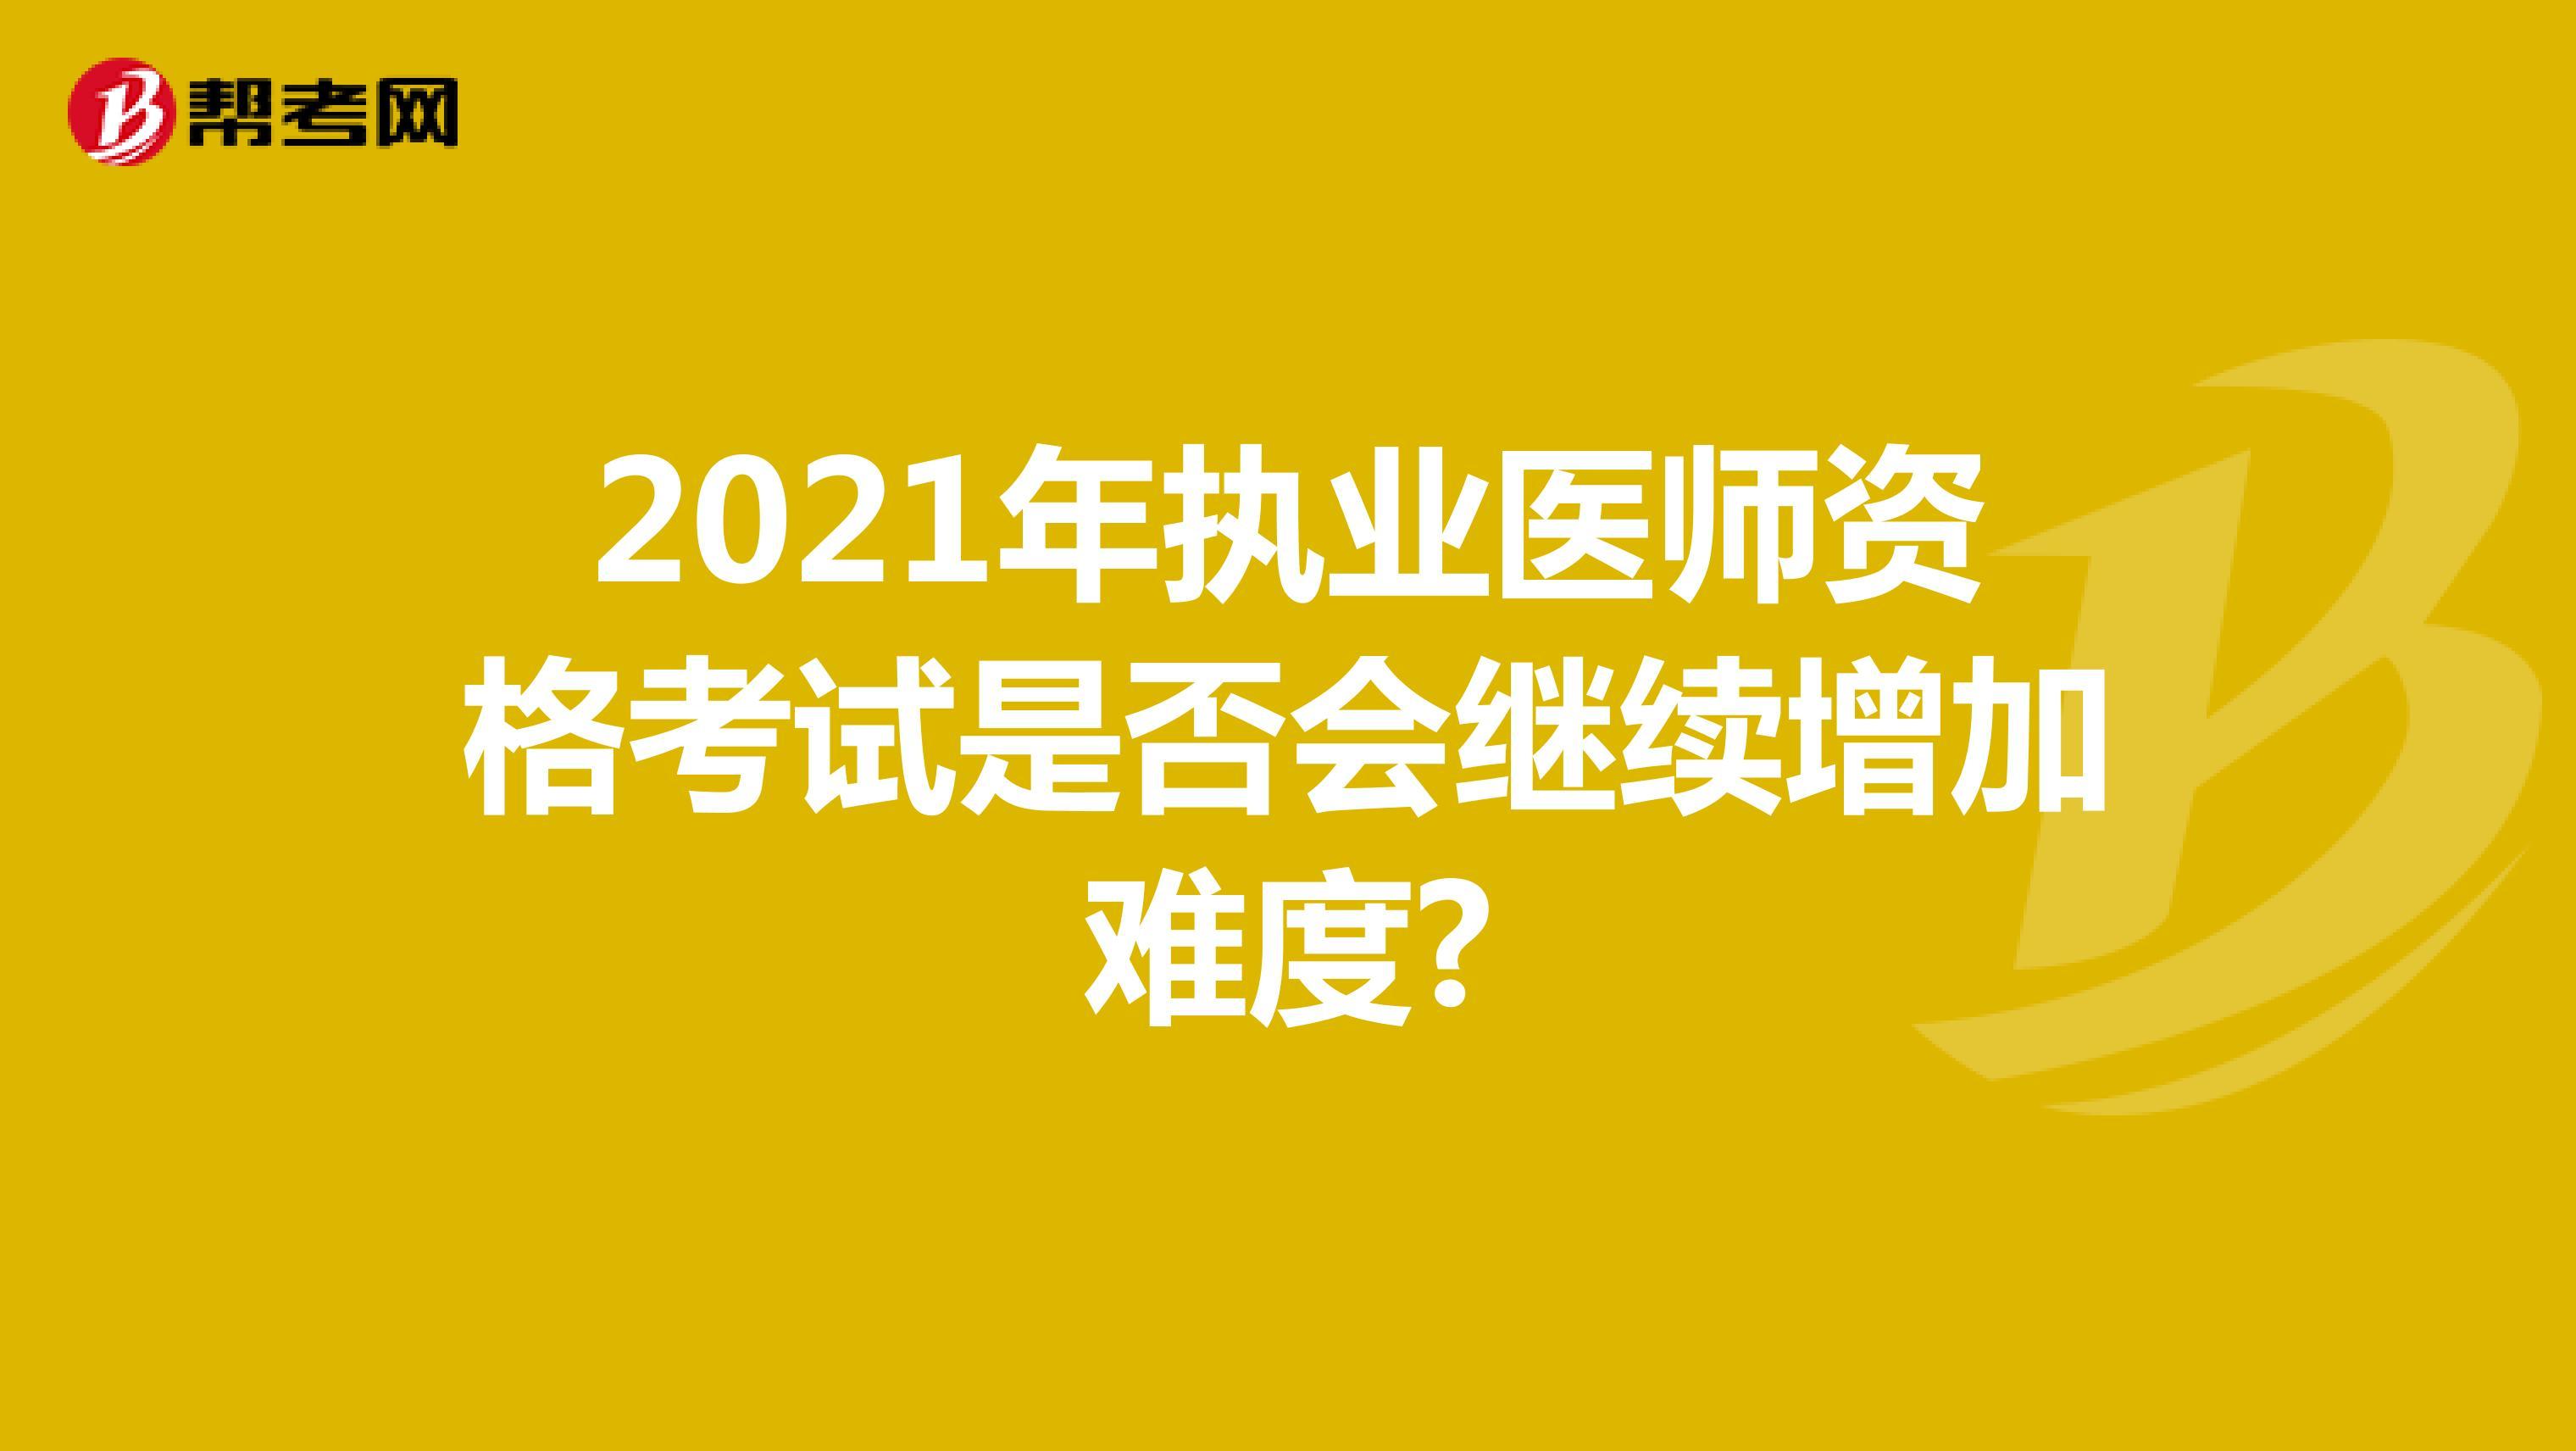 2021年執業醫師資格考試是否會繼續增加難度?